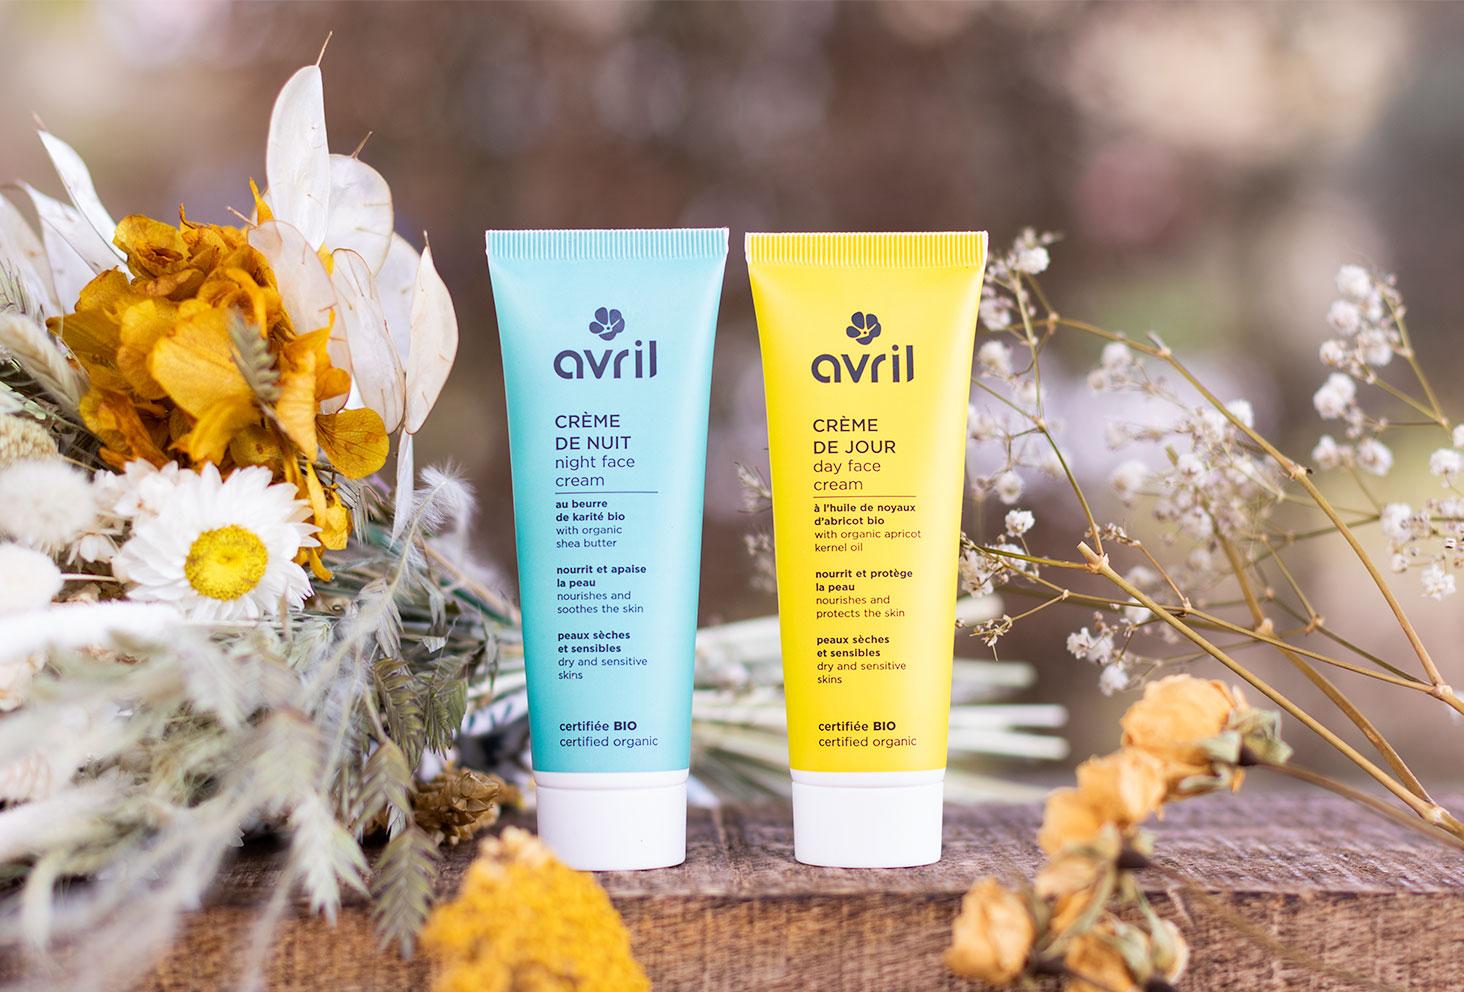 La crème de jour jaune et la crème de nuit bleue, posées sur une planche en bois au milieu d'un bouquet de fleurs séchées jaune et blanc